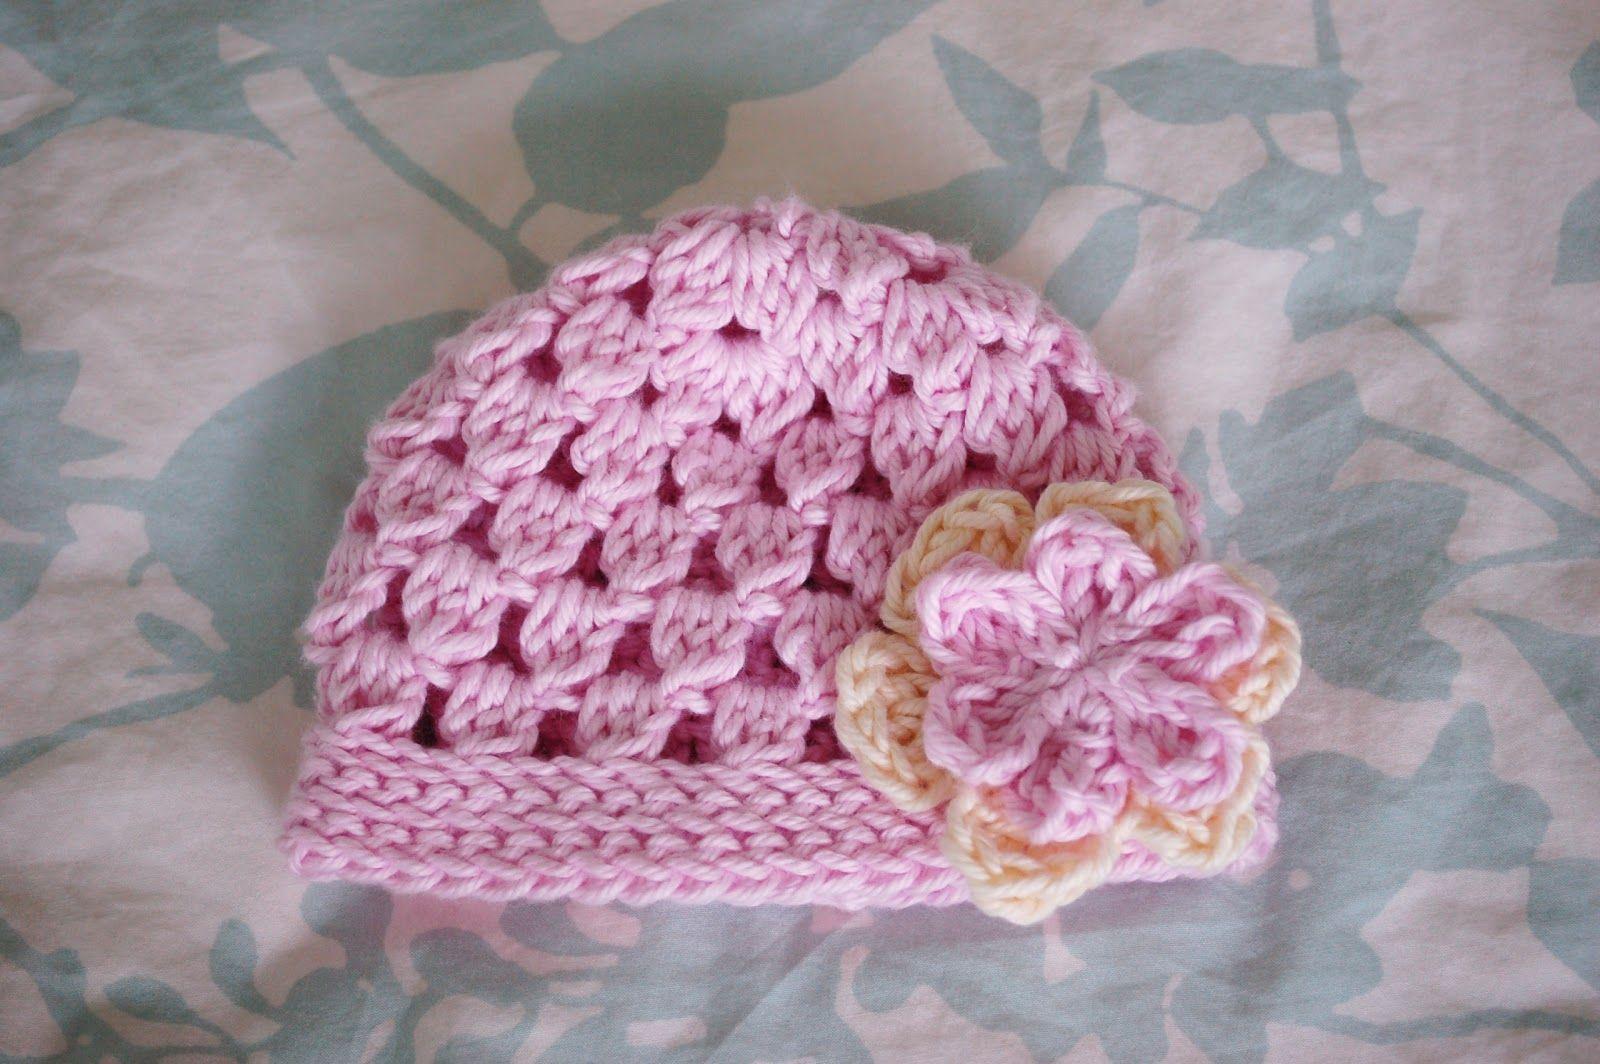 Baby crochet | dhara | Pinterest | Patrón libre y Ganchillo libre